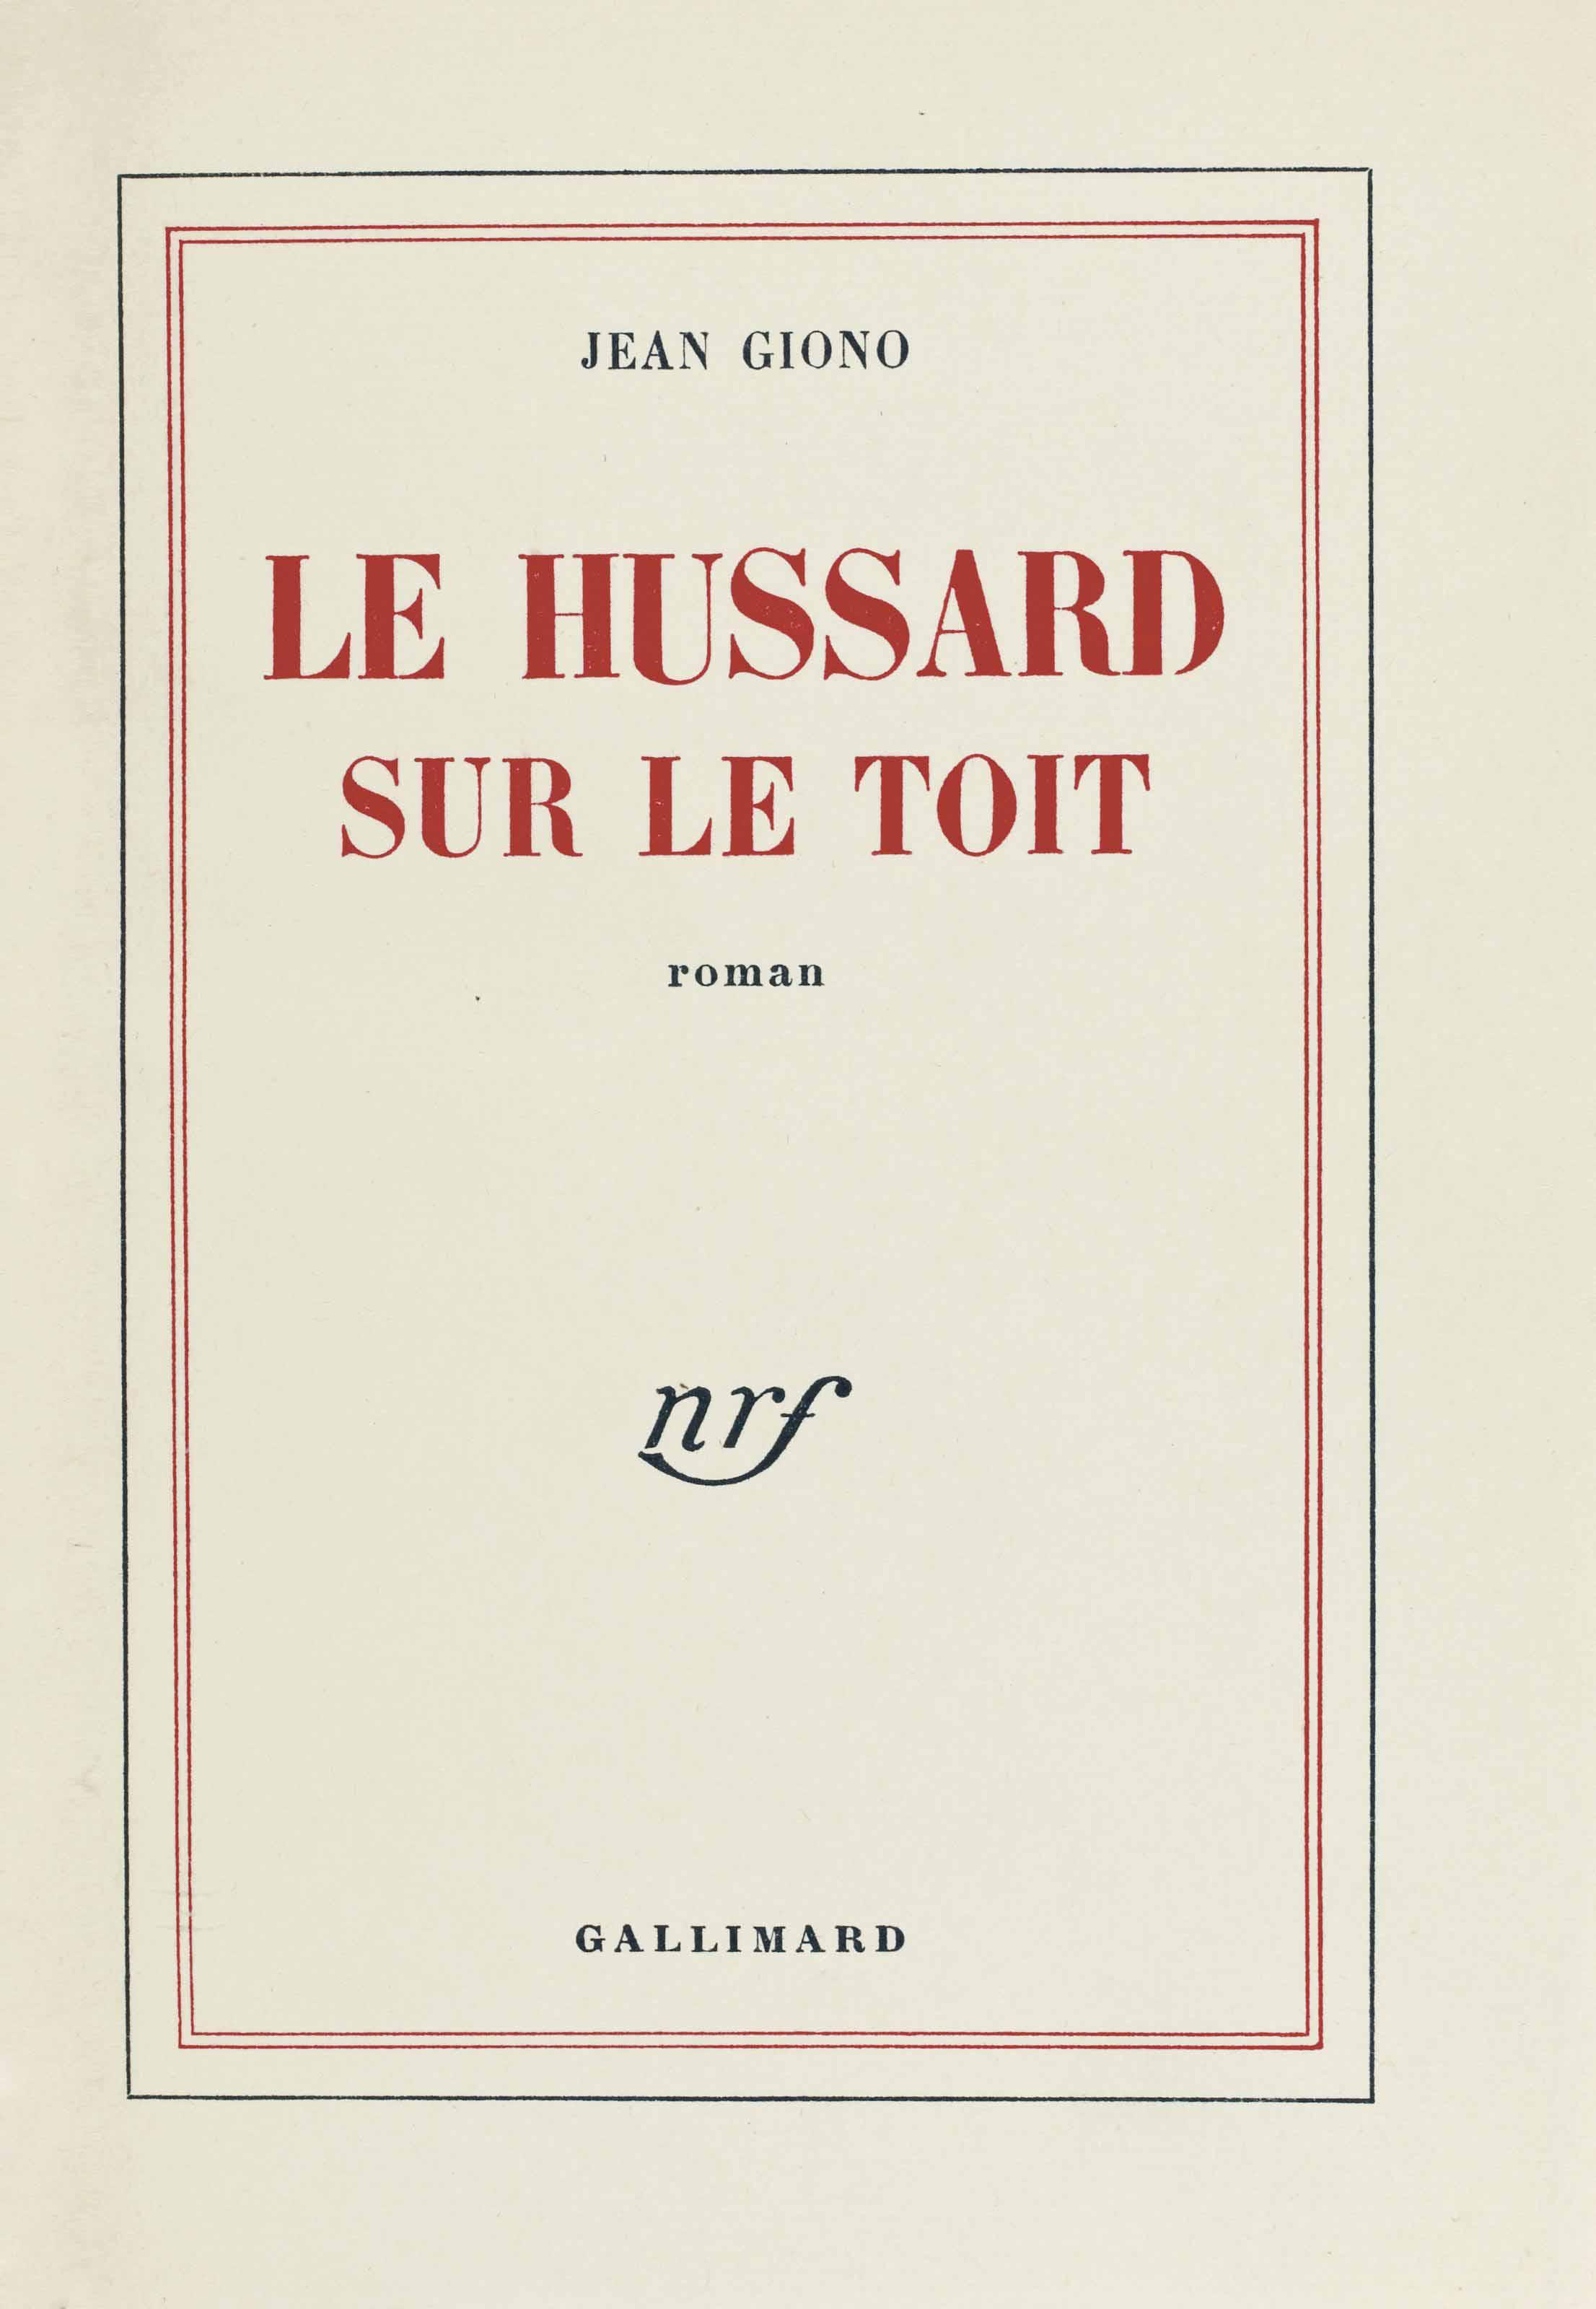 GIONO, Jean (1895-1970). Réunion de trois ouvrages en ÉDITION ORIGINALE, tous reliés par H. Duhayon, avec sa signature au contreplat.